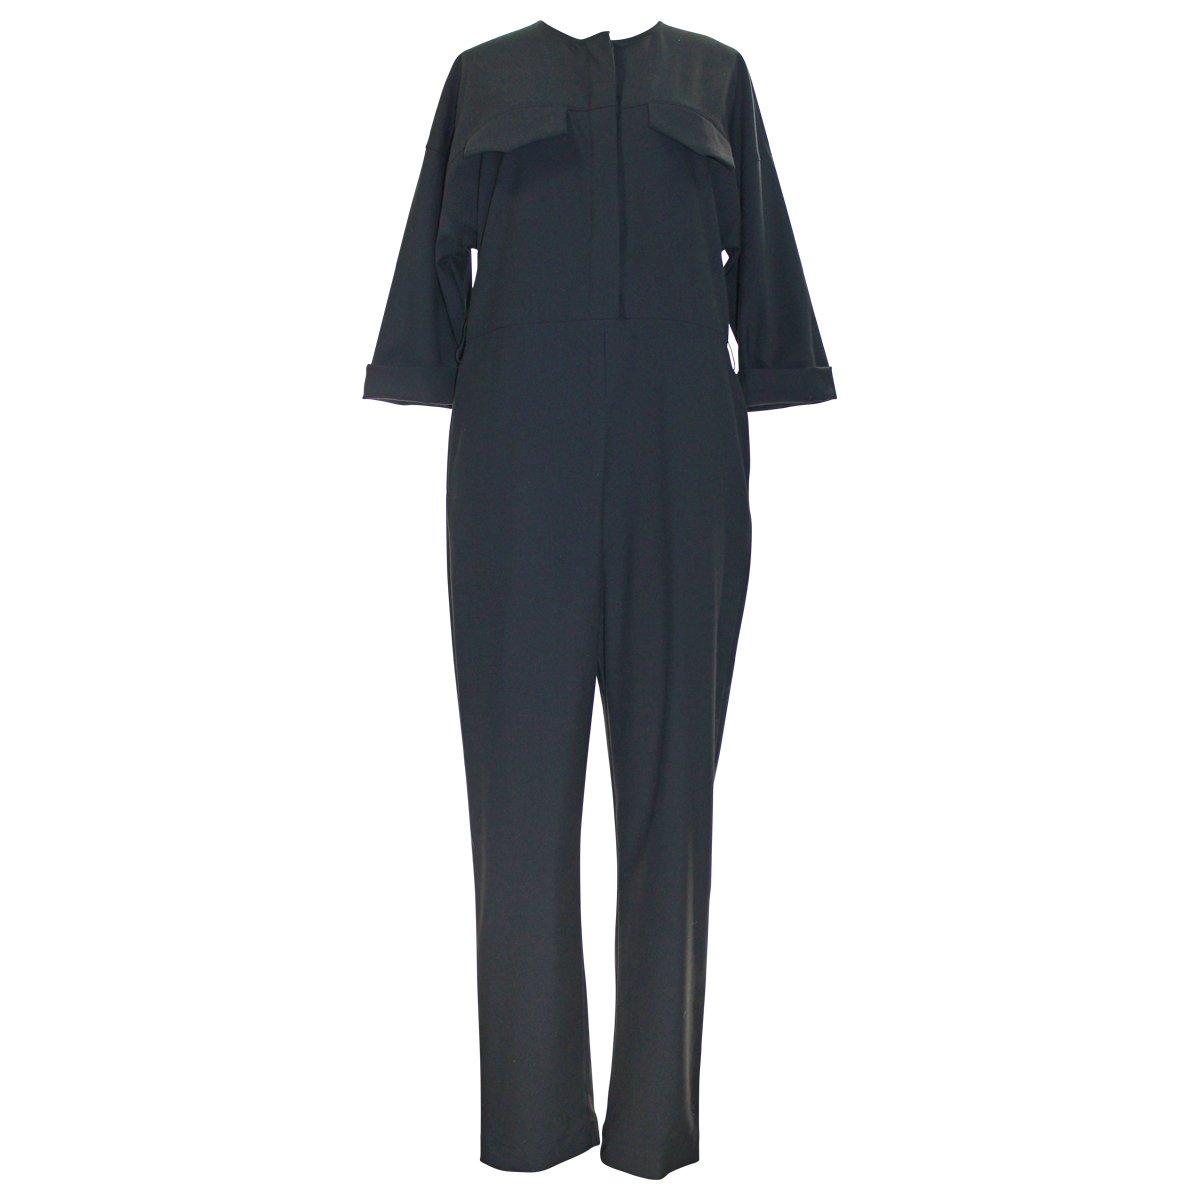 c50780a6c5ae Amazon.com  Topshop Boutique Tailored Black Jumpsuit  Clothing